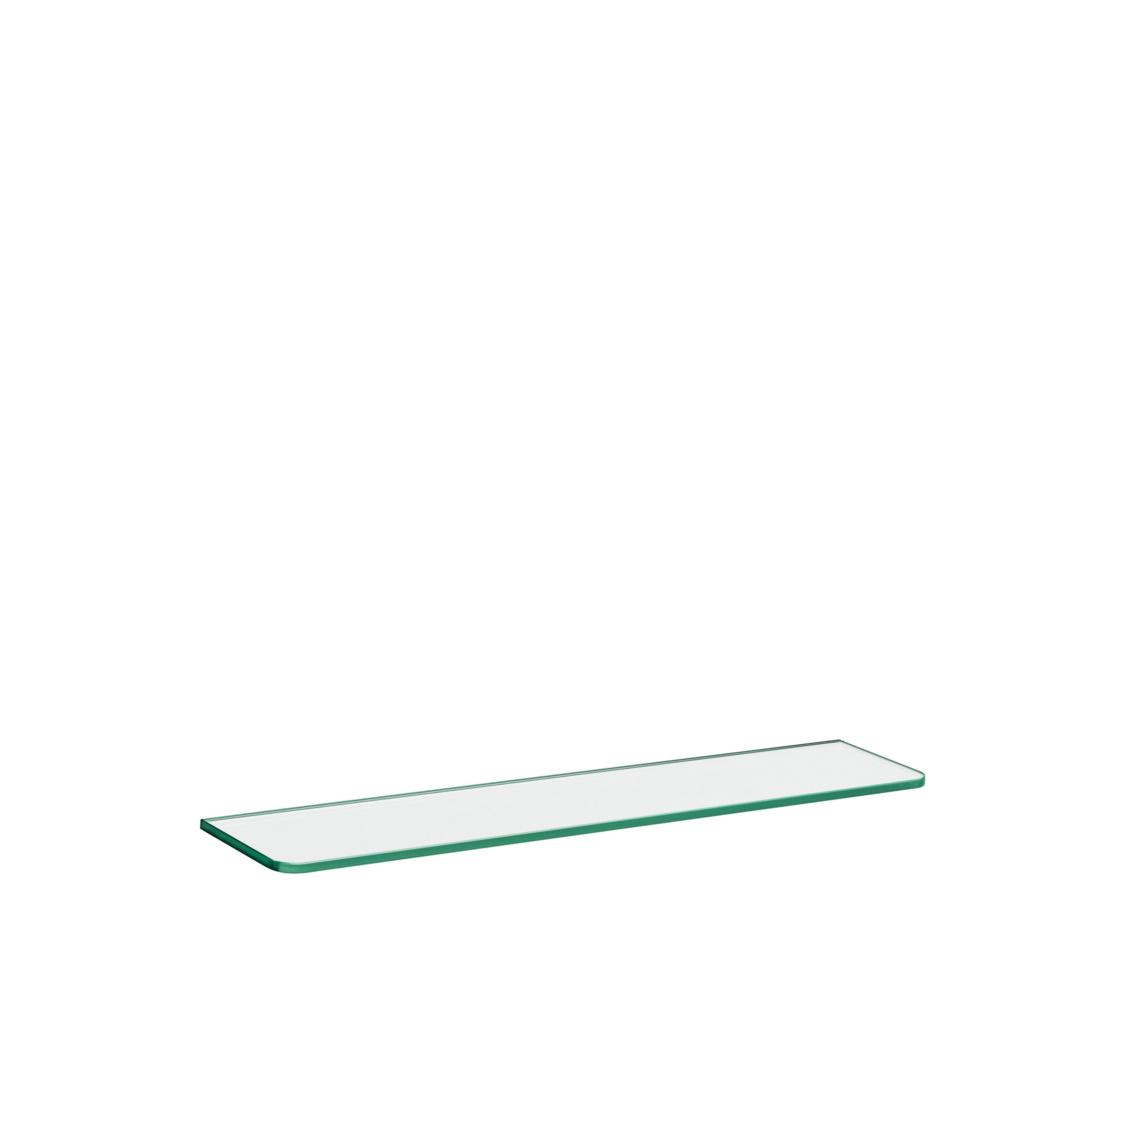 600x150x8mm Glass Shelf  Mastershelf